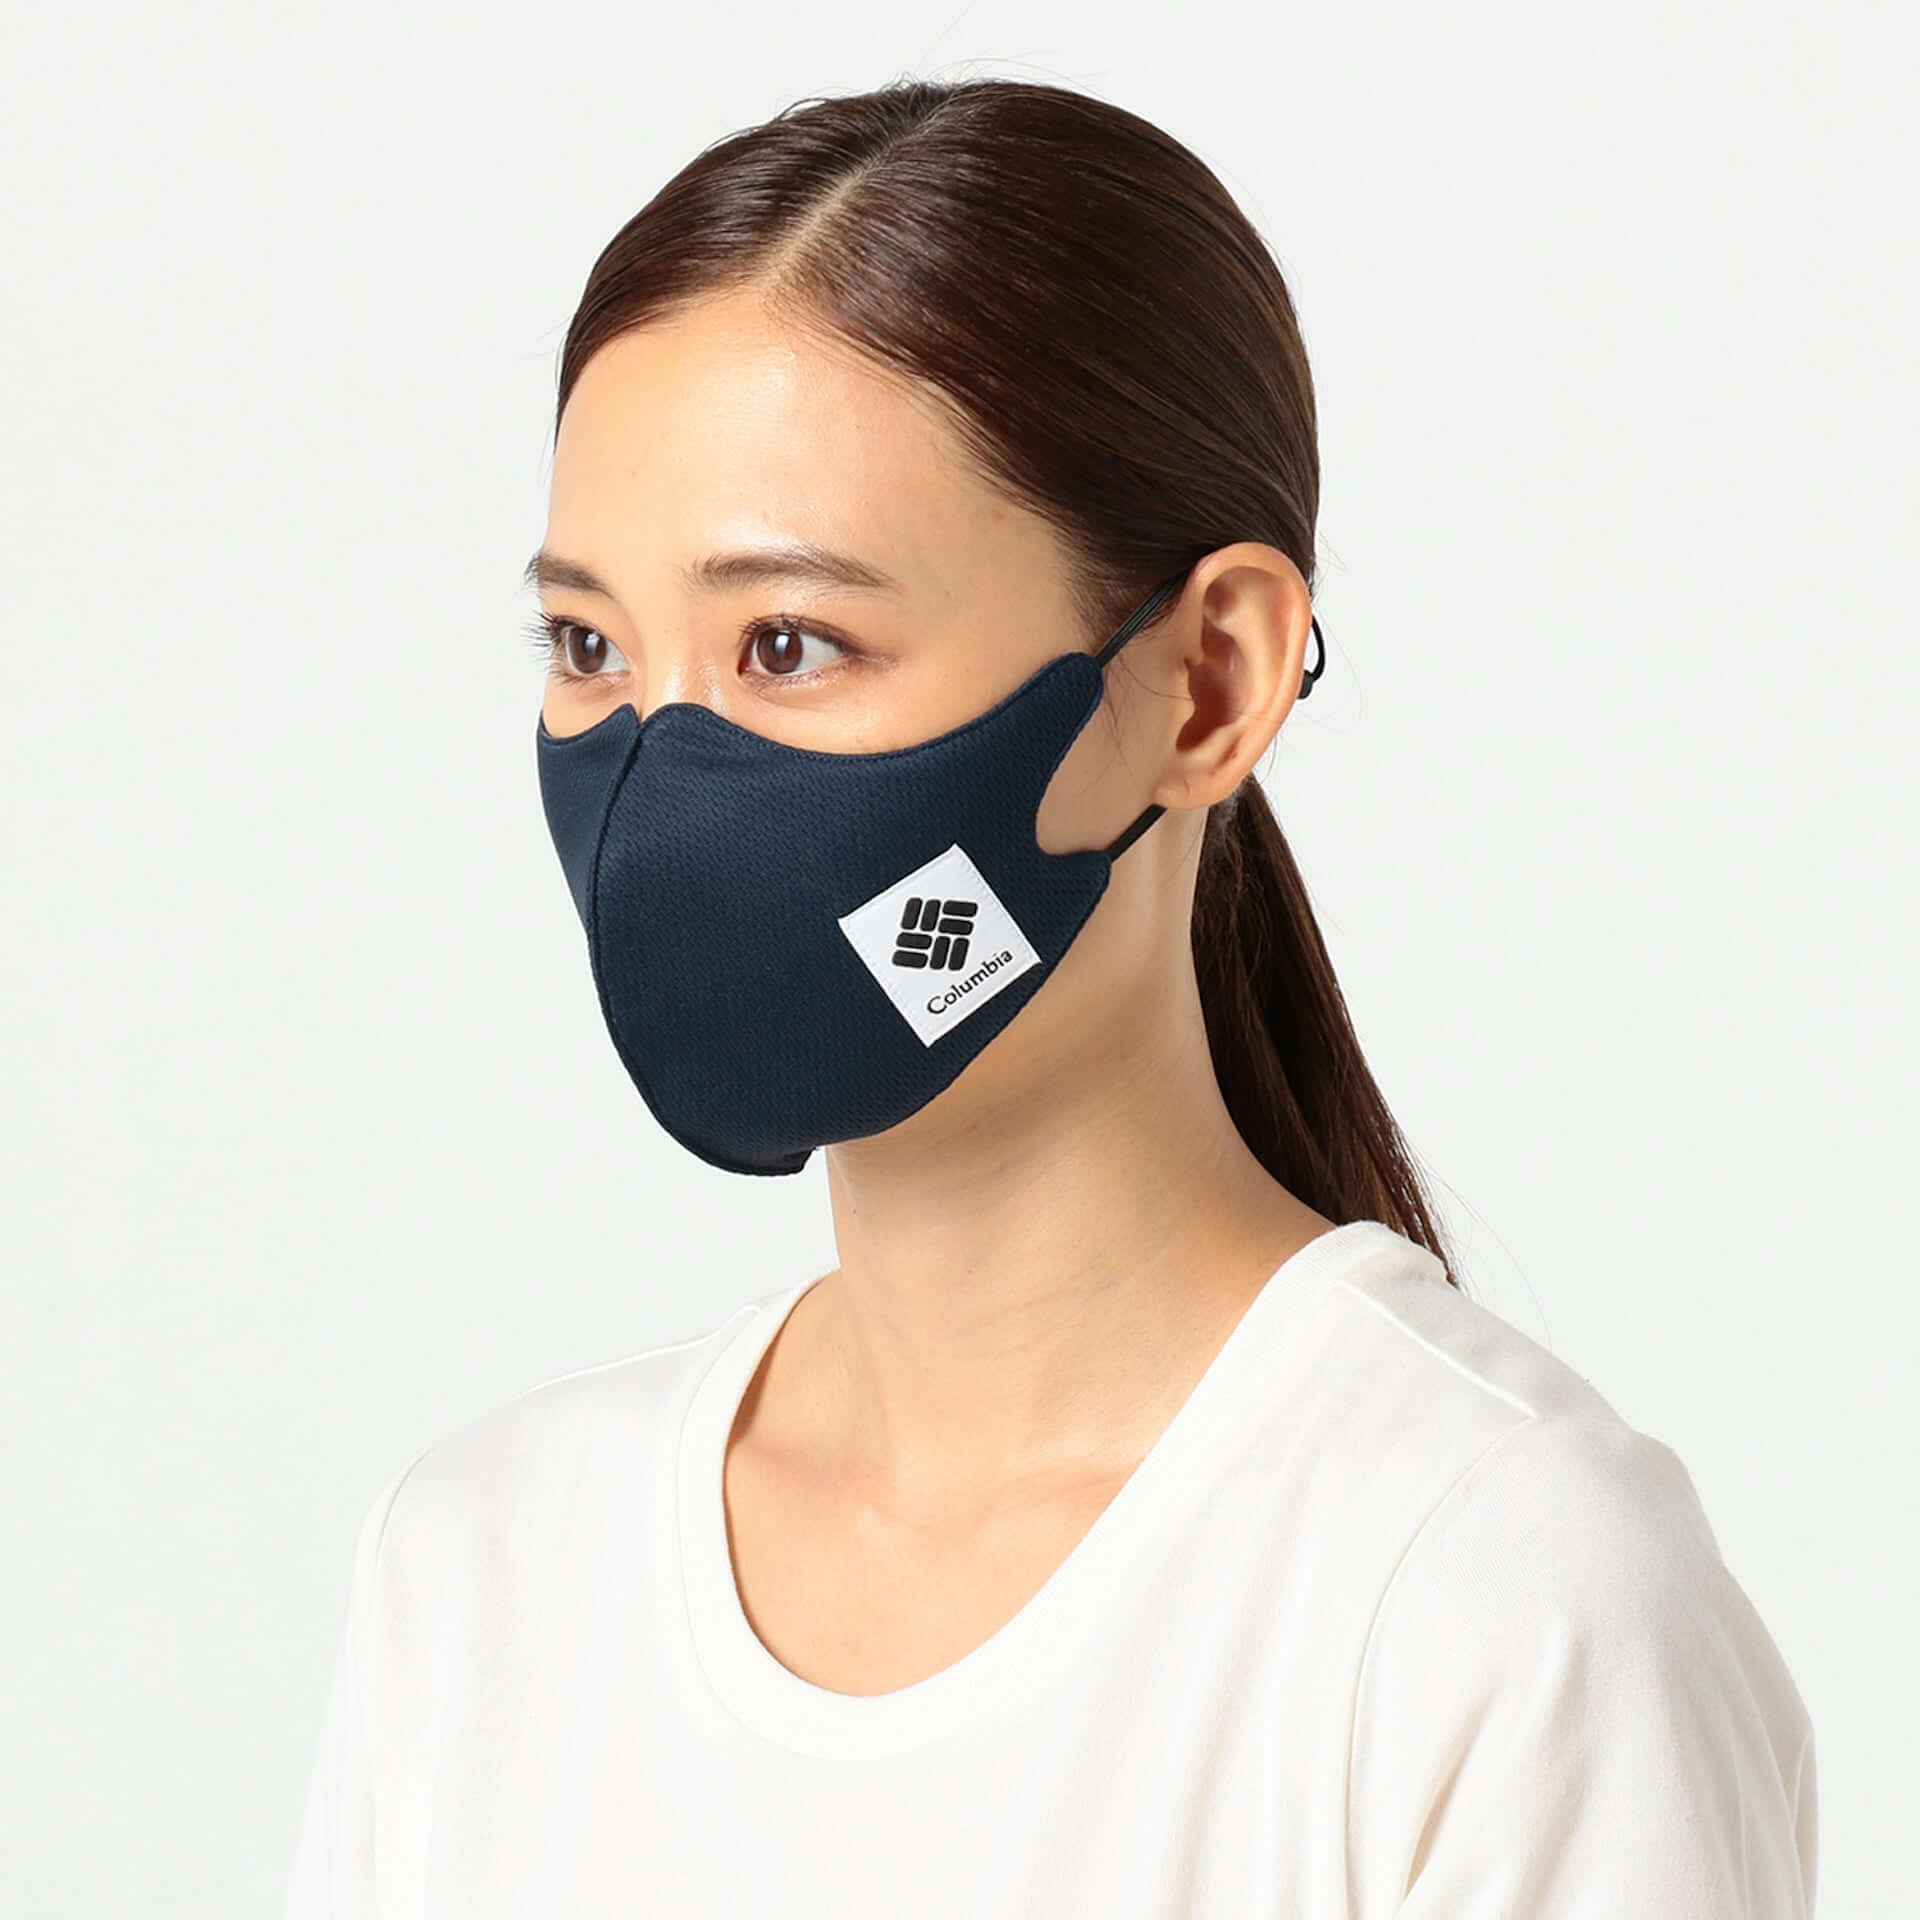 コロンビアが洗えるメッシュマスク『TURKEY CREST OFZ FACE COVER』を発売!独自の冷却・吸湿速乾機能を搭載 lf200925_columbia-mask_1-1920x1920